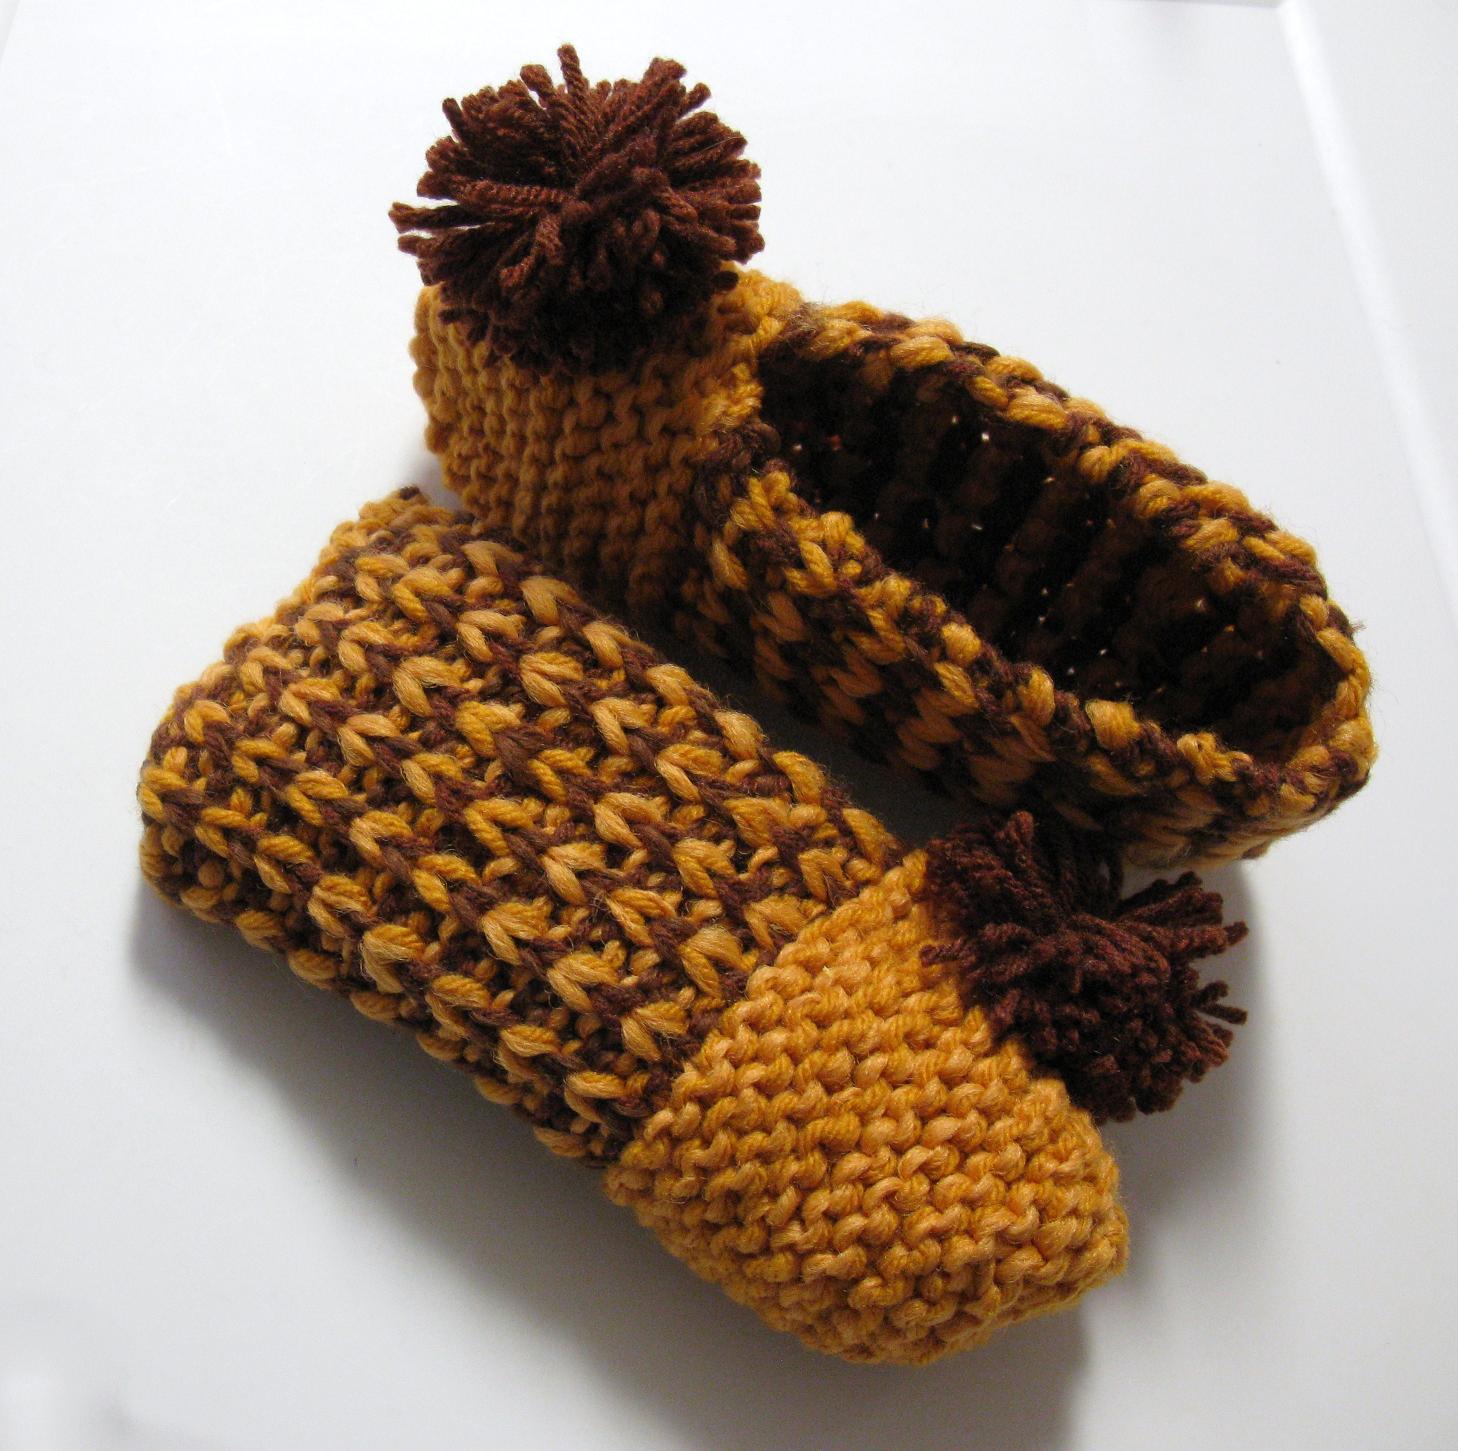 Pantoufles c tel es au tricot 3 petites mailles - 3 petites mailles ...